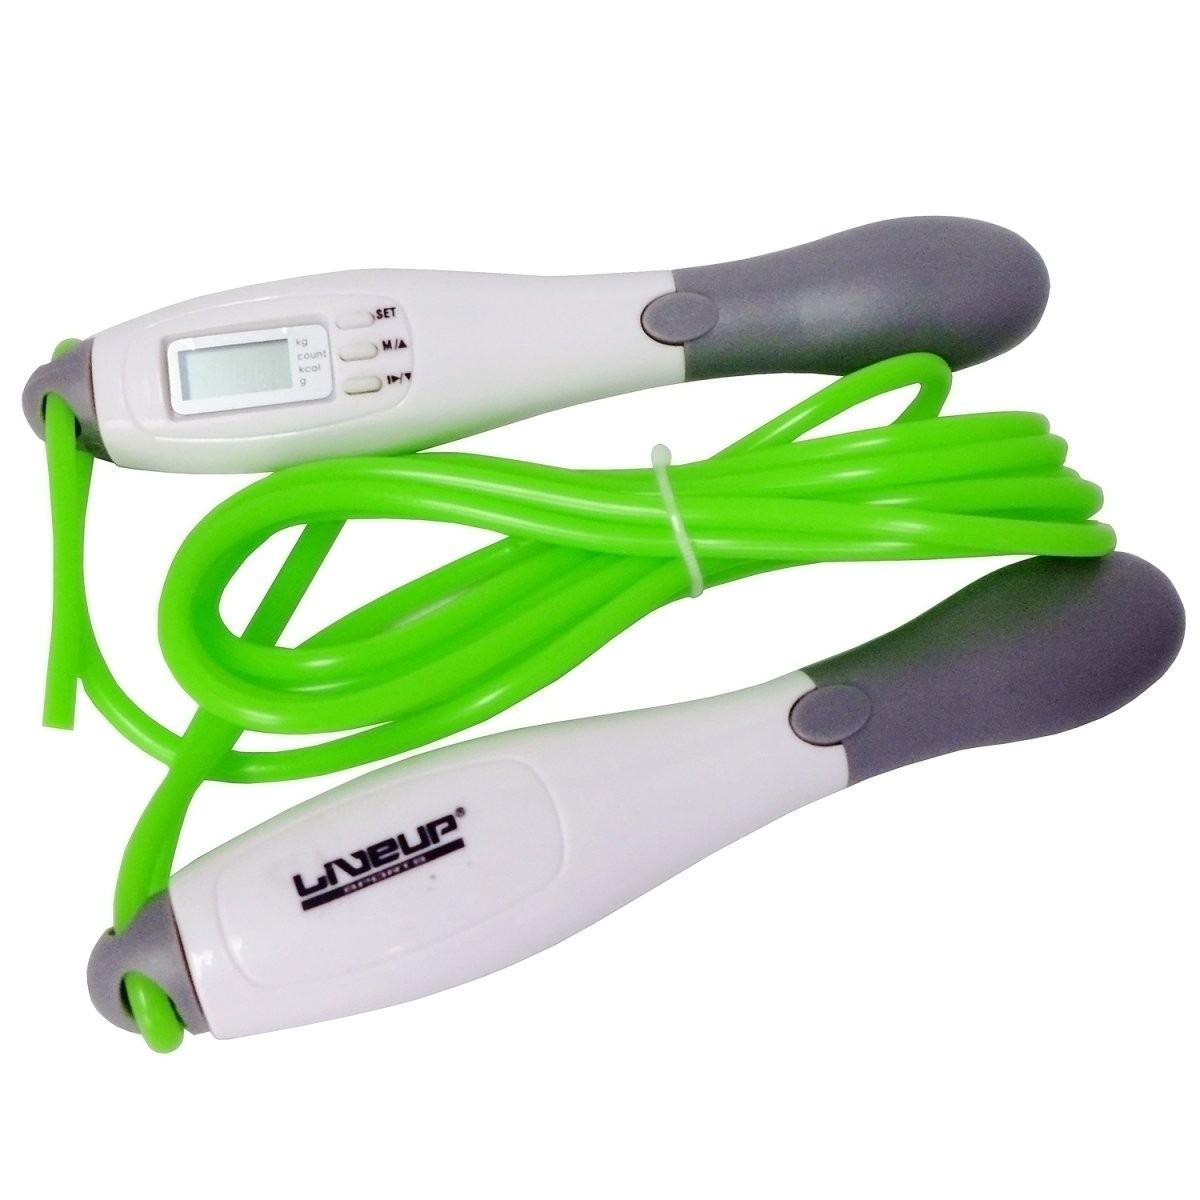 Corda de Pular com Contador Digital e Gasto Calórico Lcd - LiveUp - Loja Portal